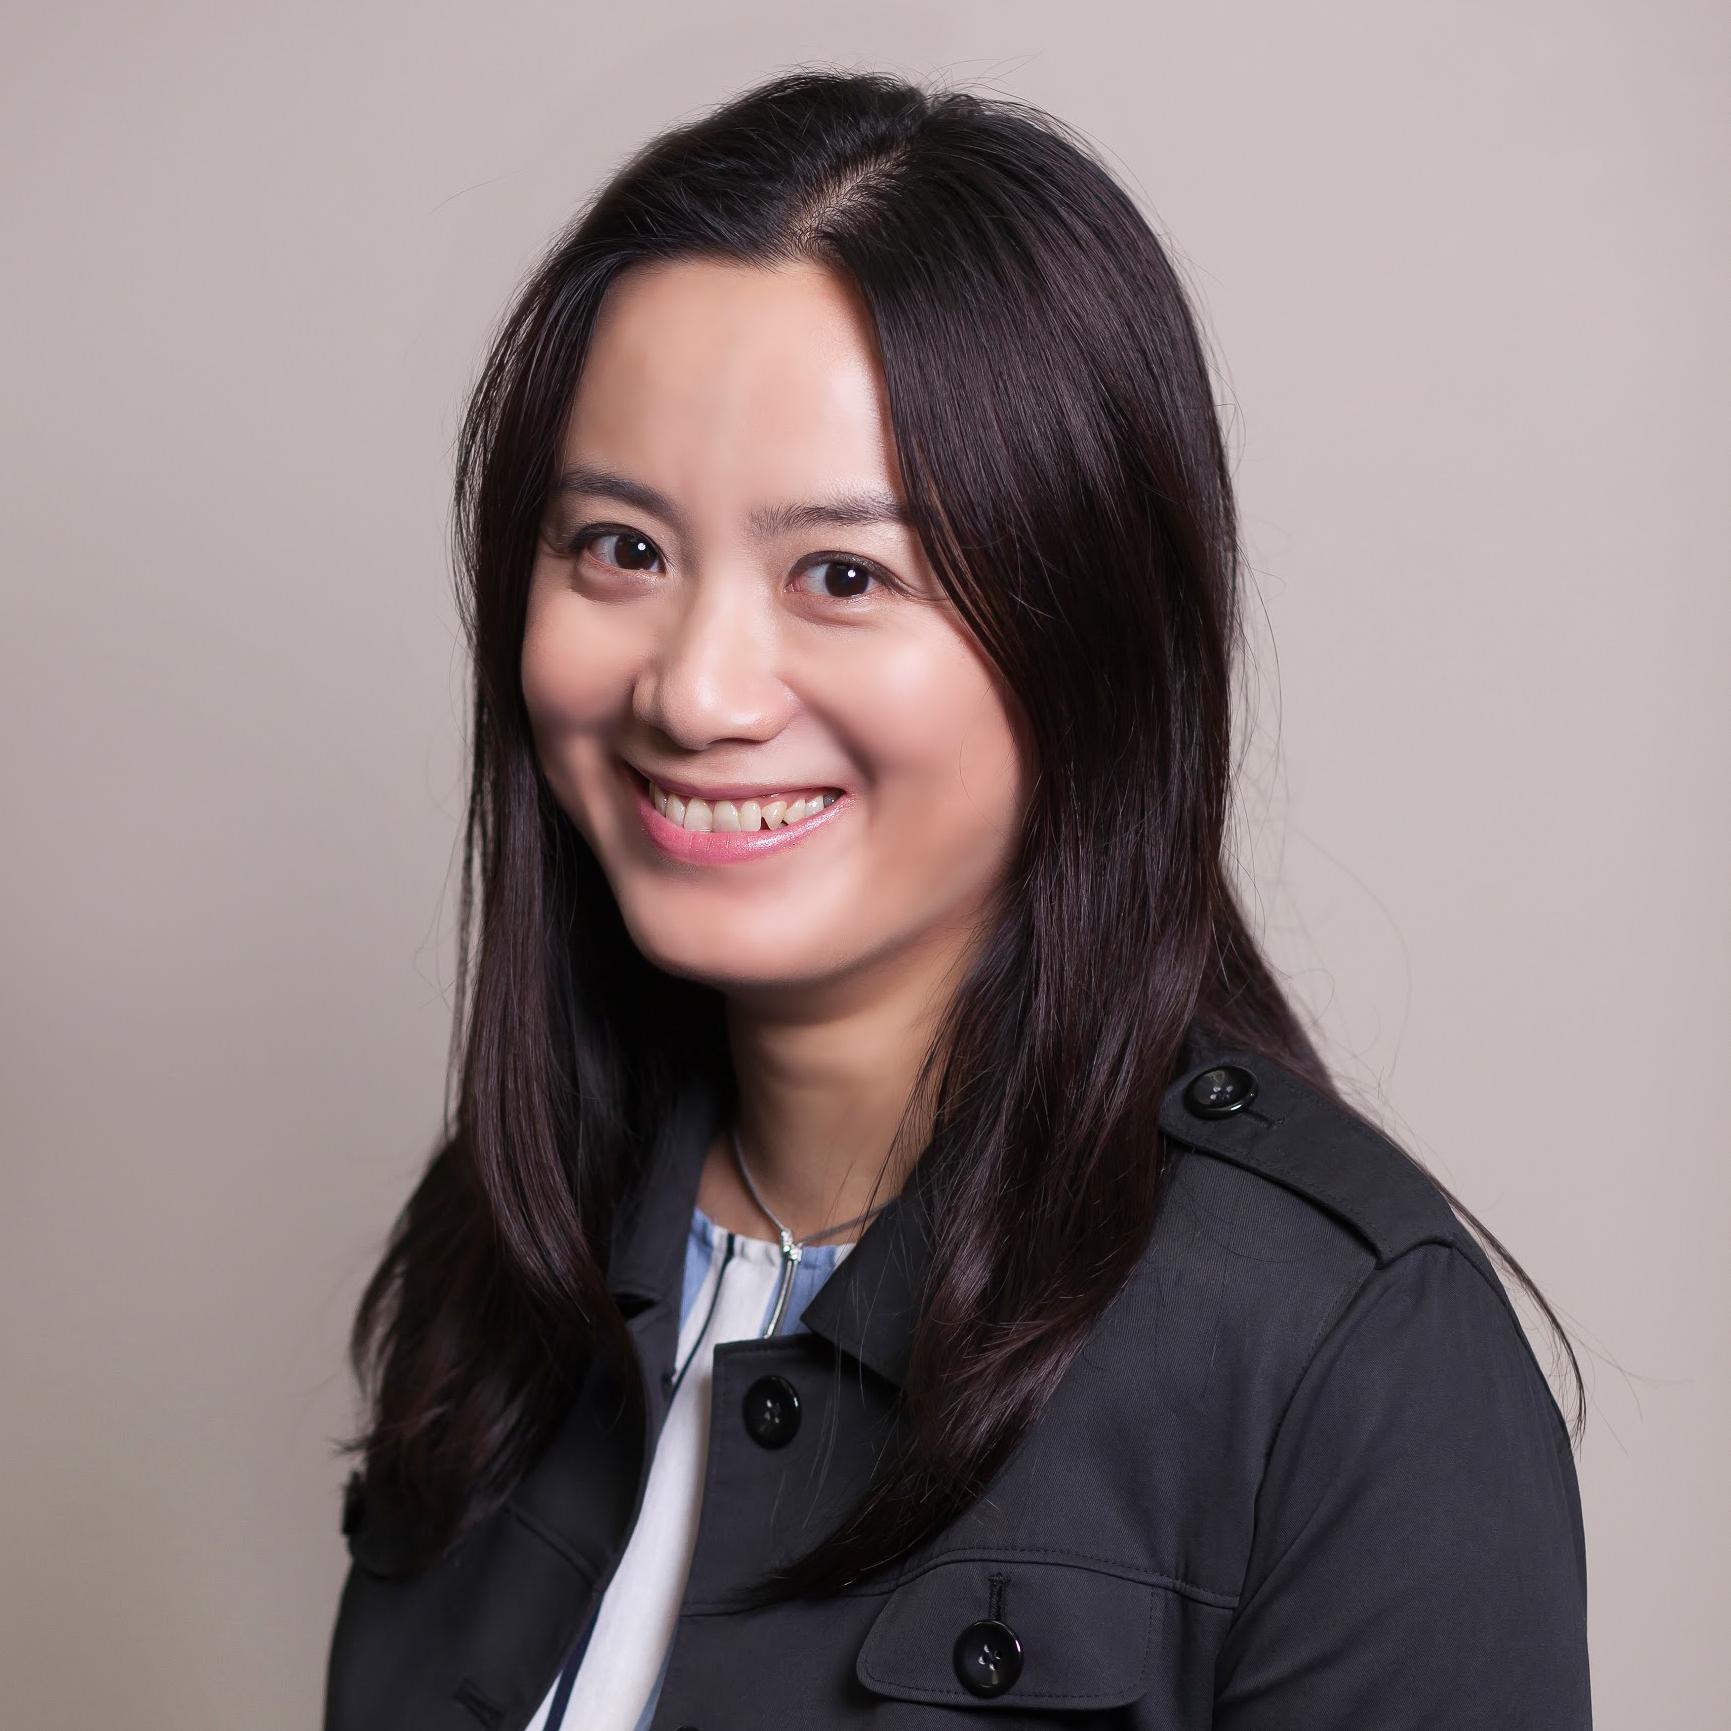 Ms. Venus Yiu